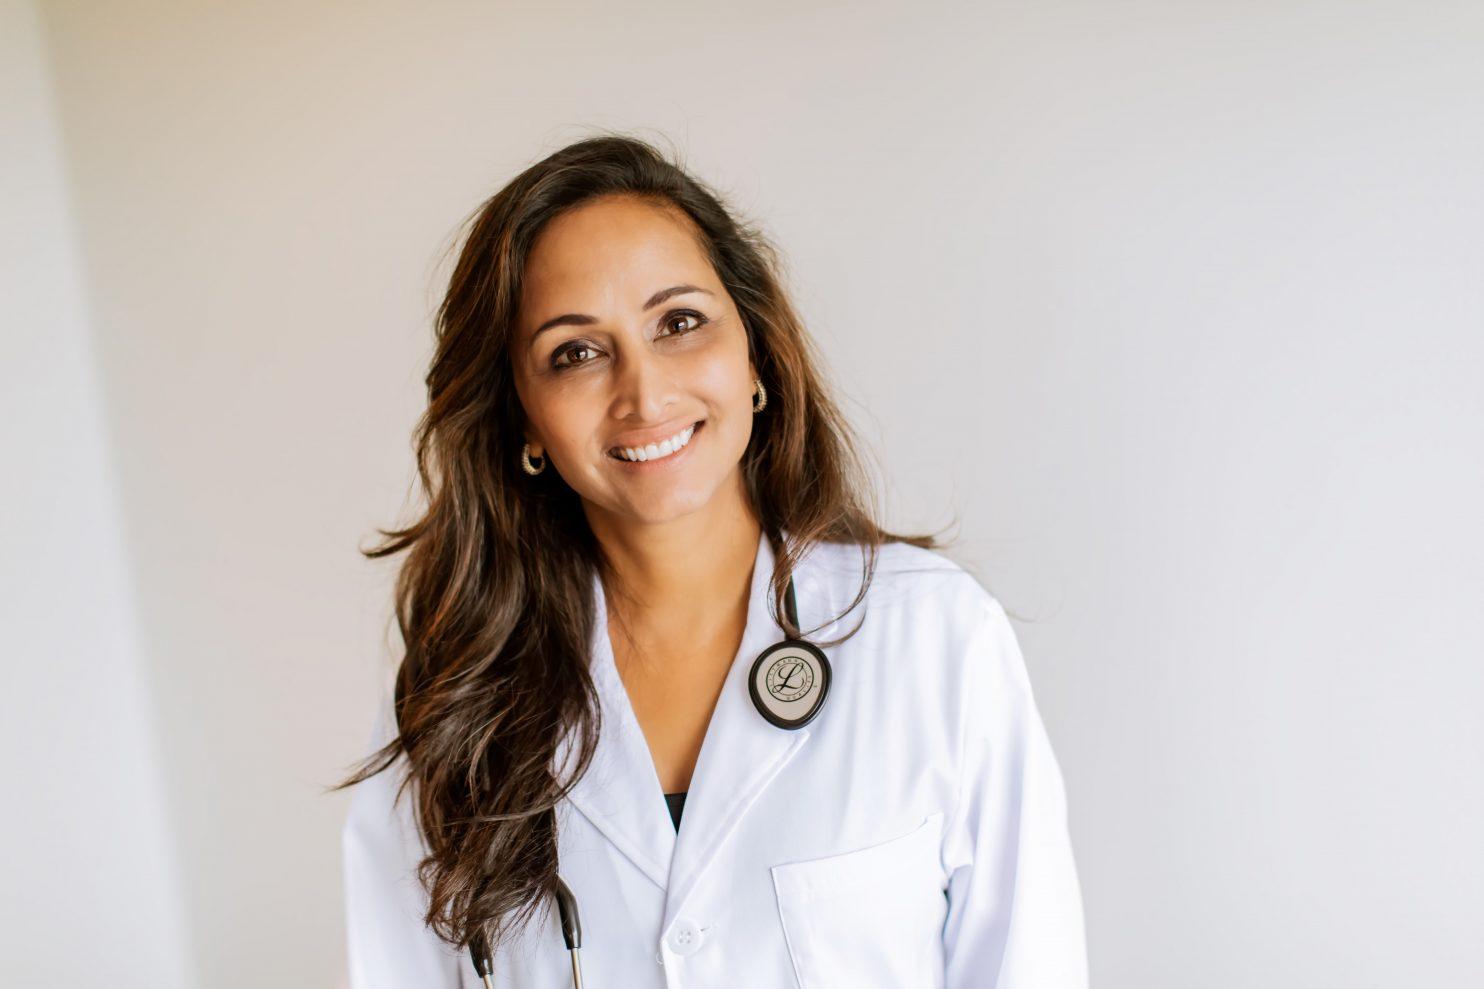 Dr. Marathe, Concierge Medicine